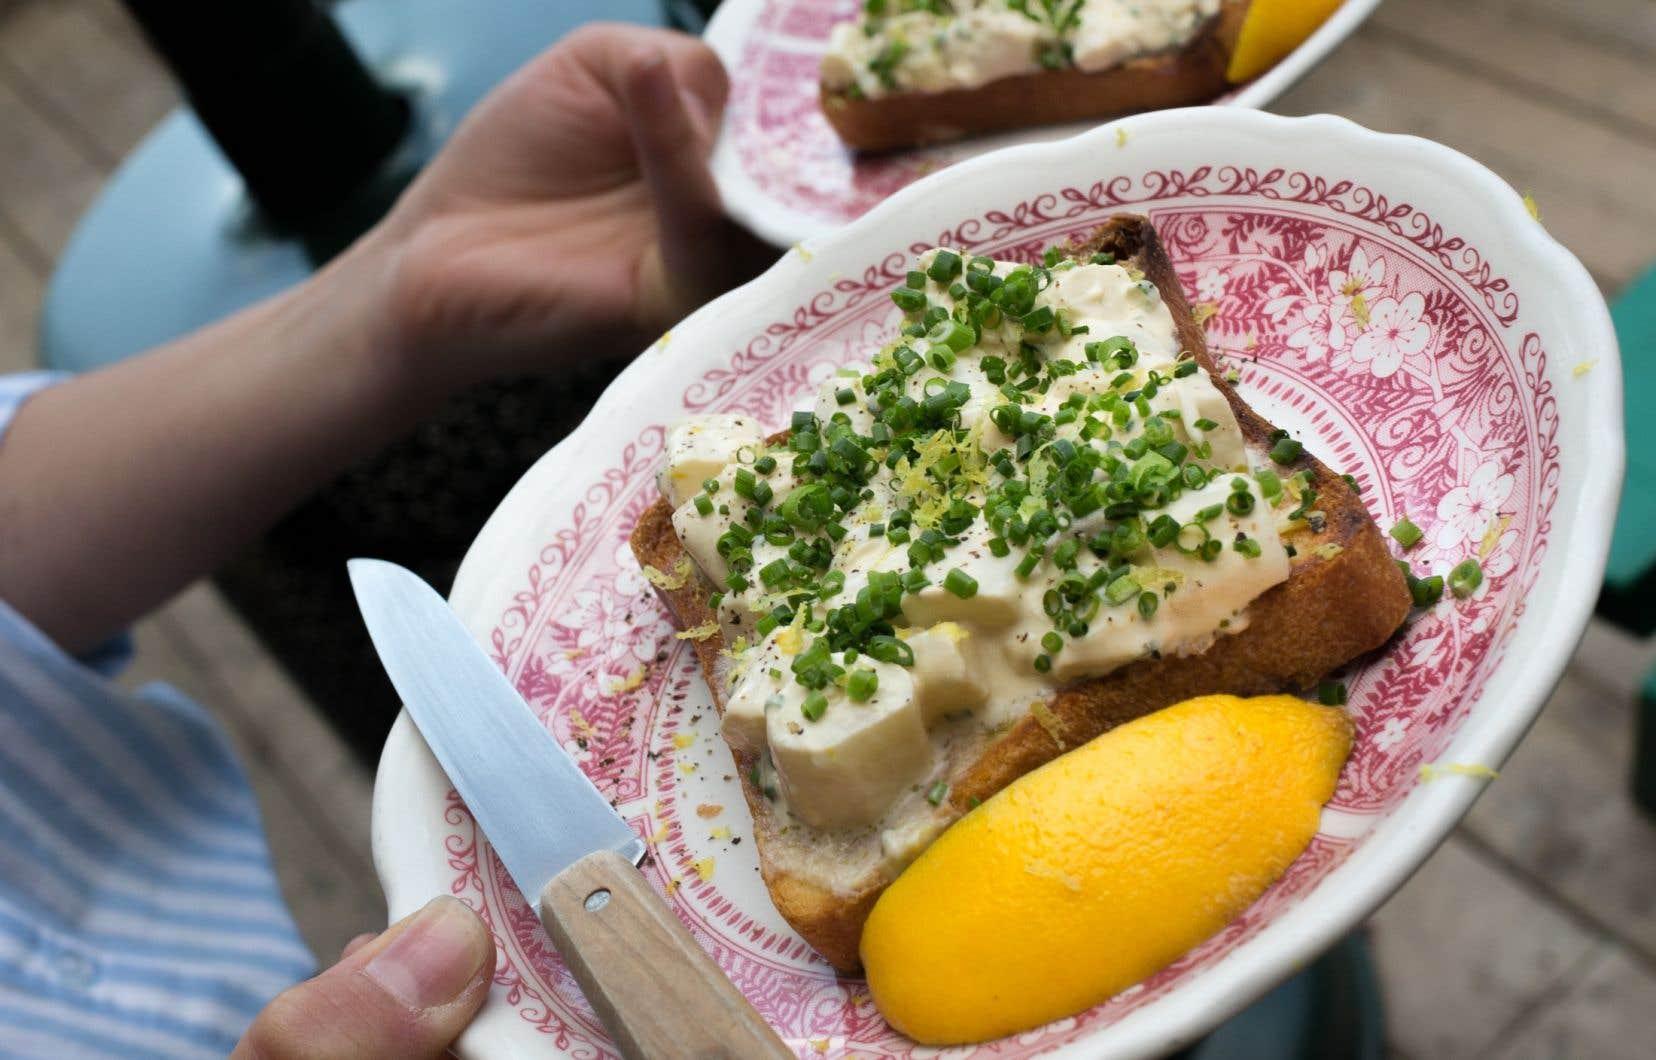 Un plat du restaurant Vin Papillon, situé à Montréal, met en vedette l'oursin, une ressource comestible du fleuve Saint-Laurent.